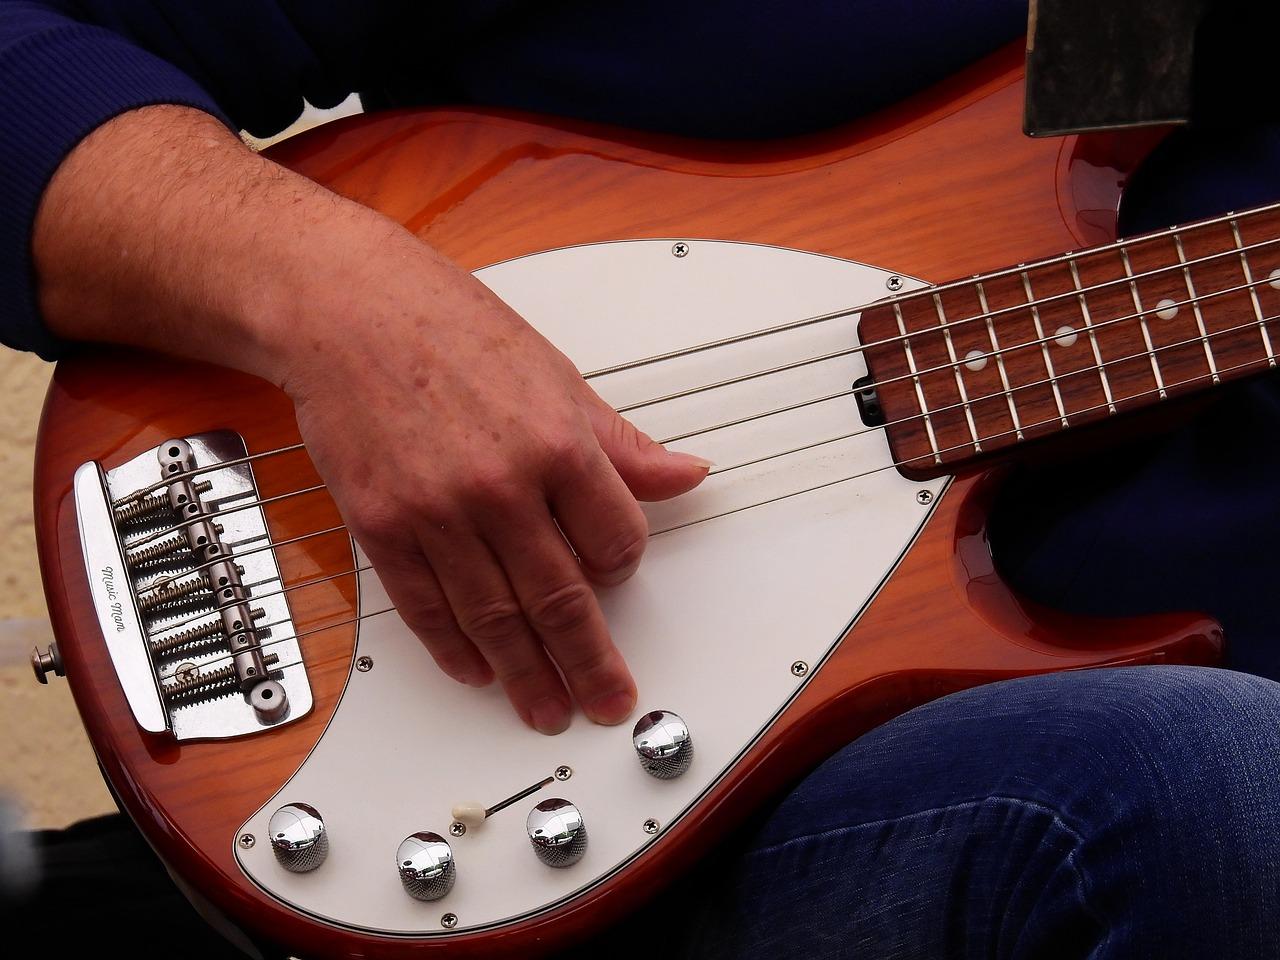 Картинки о любви меня музыкой гитары после